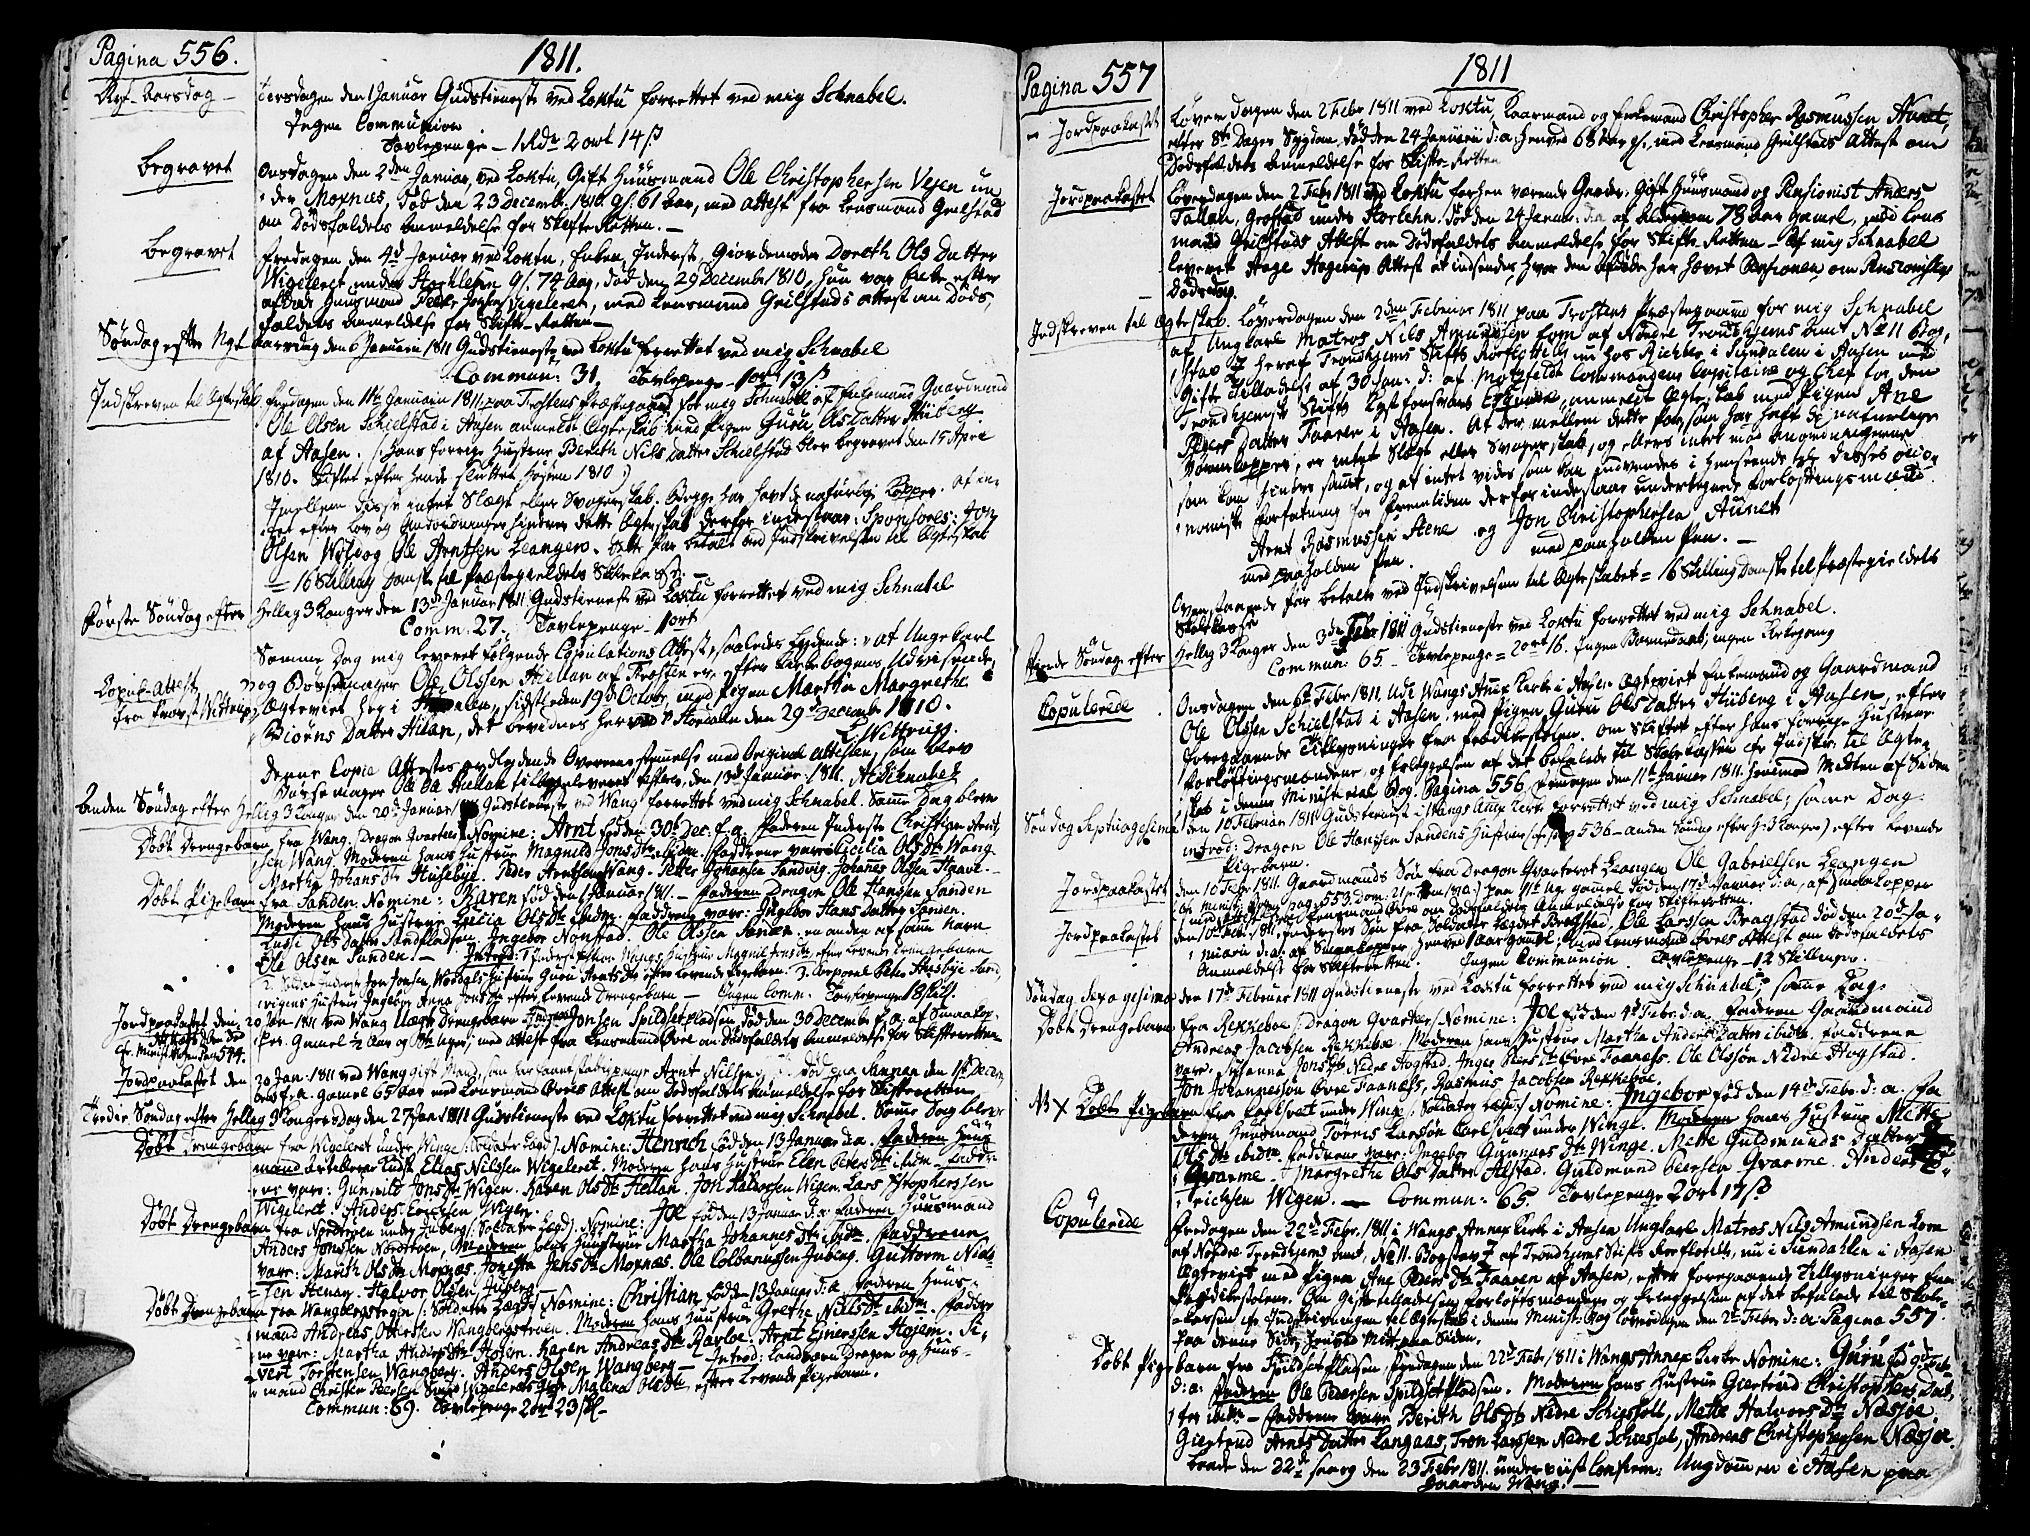 SAT, Ministerialprotokoller, klokkerbøker og fødselsregistre - Nord-Trøndelag, 713/L0110: Ministerialbok nr. 713A02, 1778-1811, s. 556-557